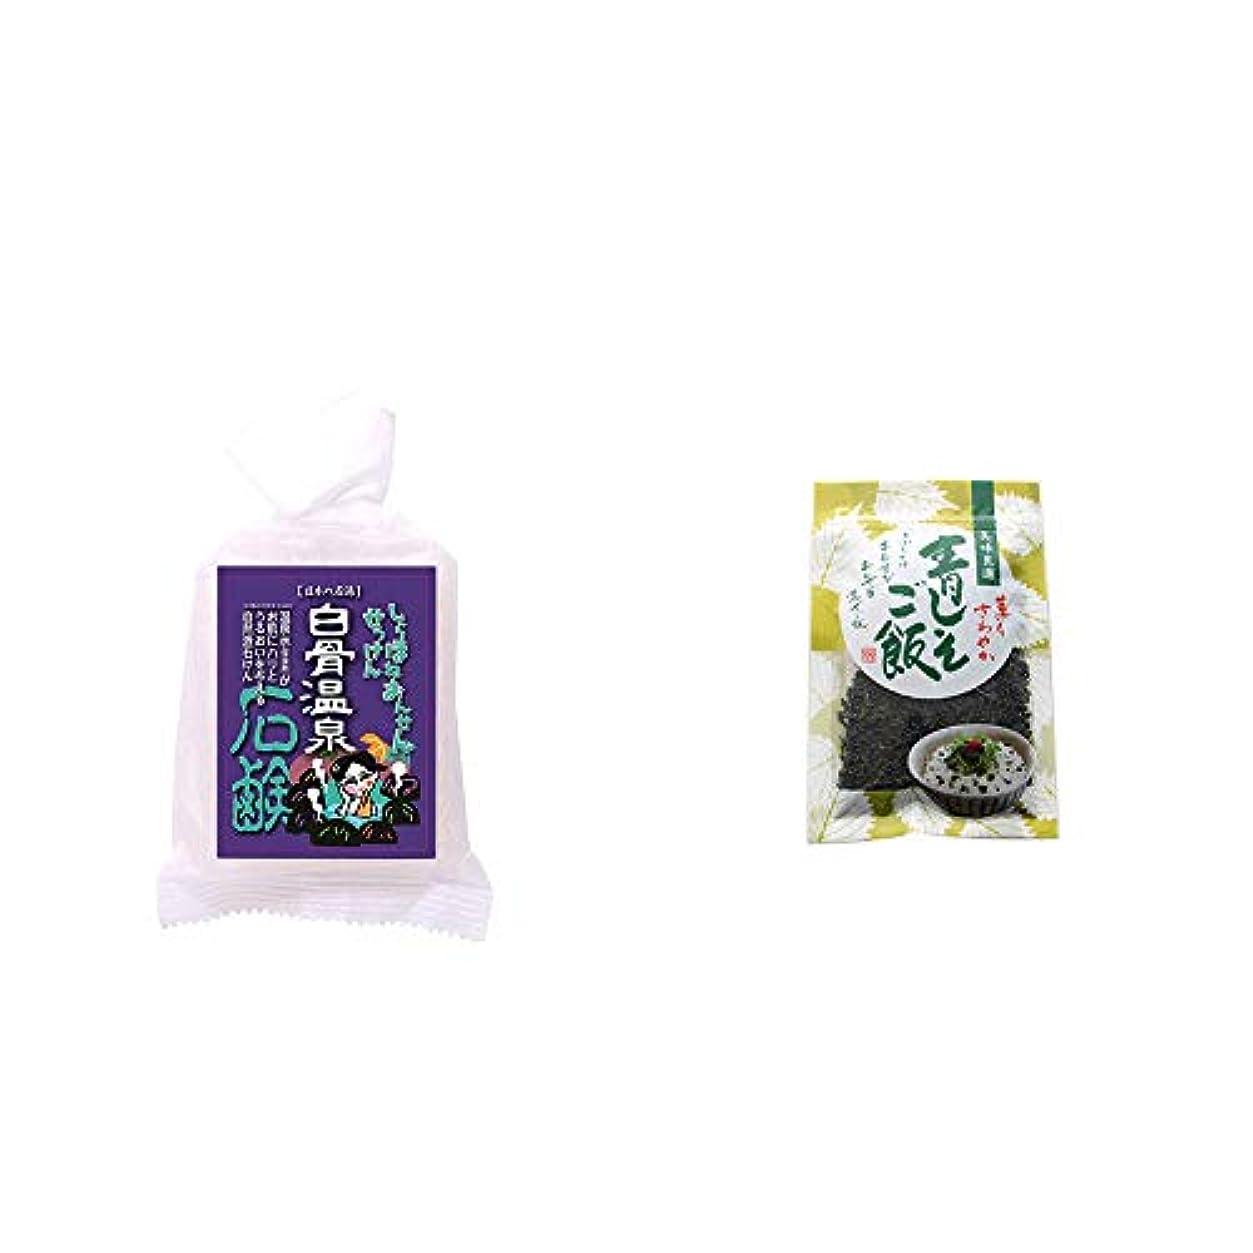 [2点セット] 信州 白骨温泉石鹸(80g)?薫りさわやか 青しそご飯(80g)